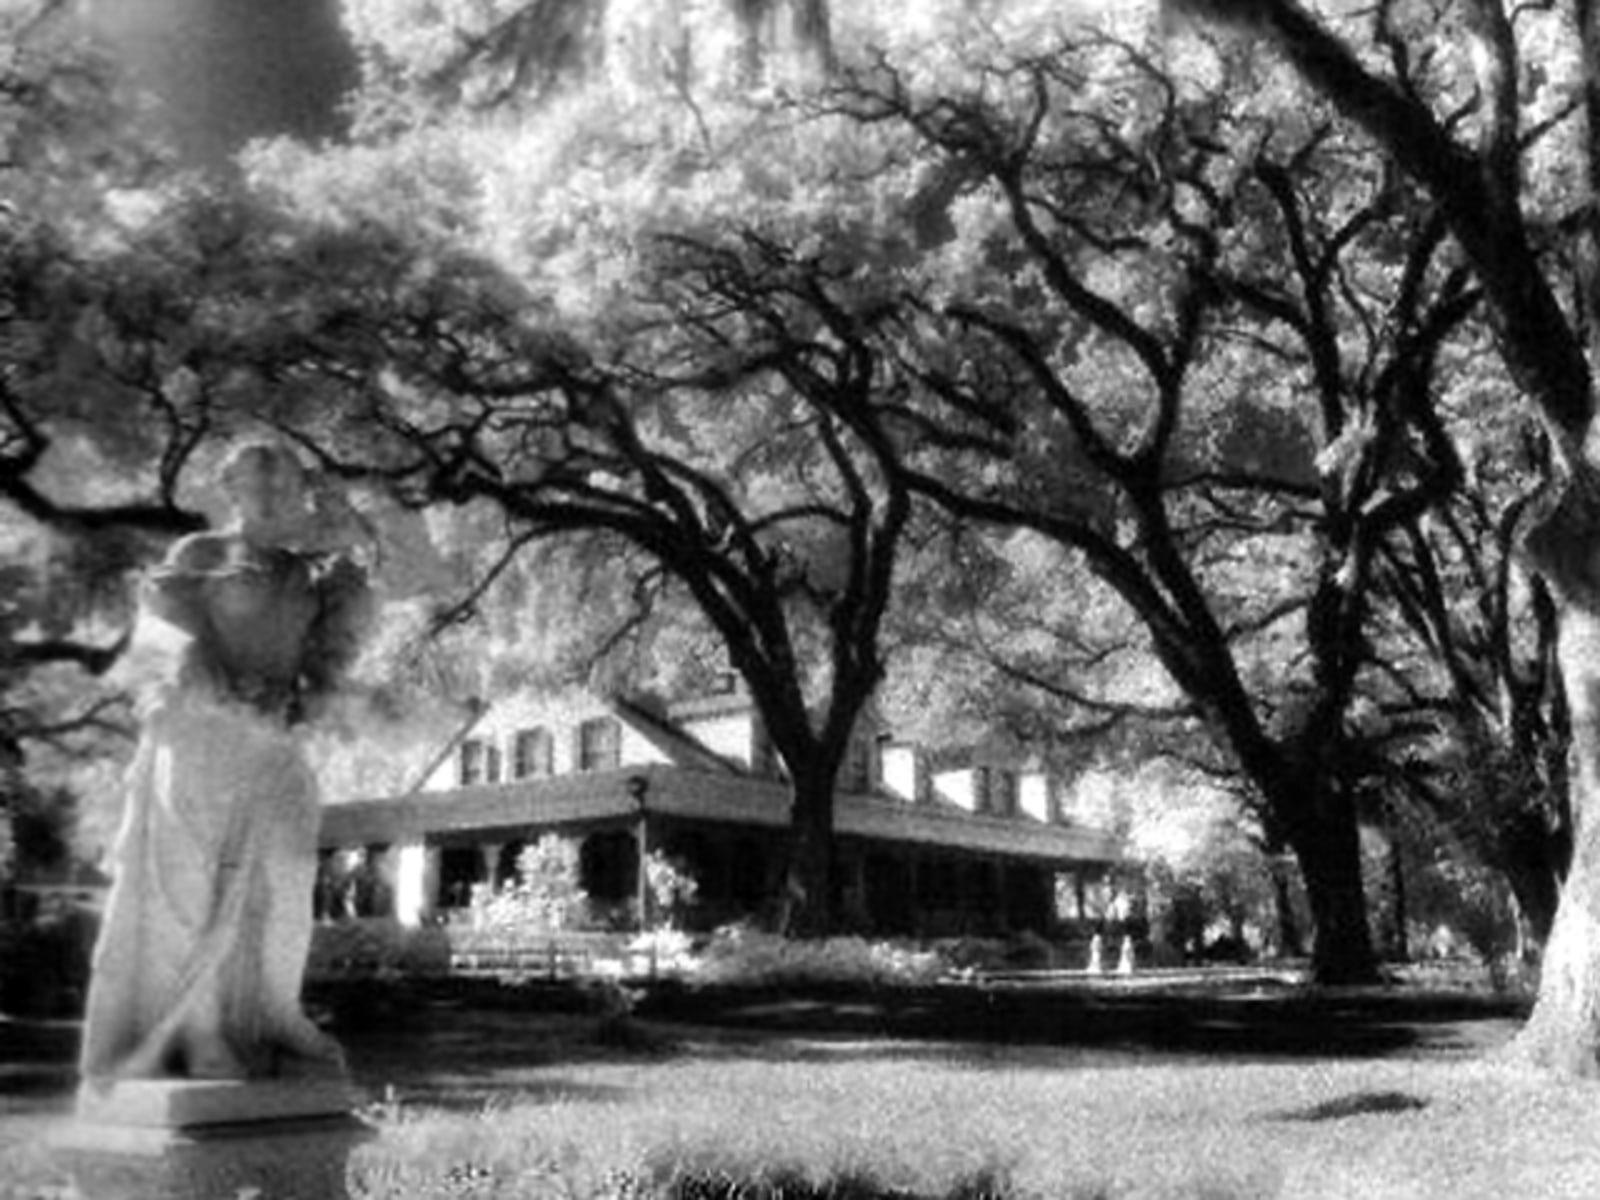 Image: The Myrtles Plantation